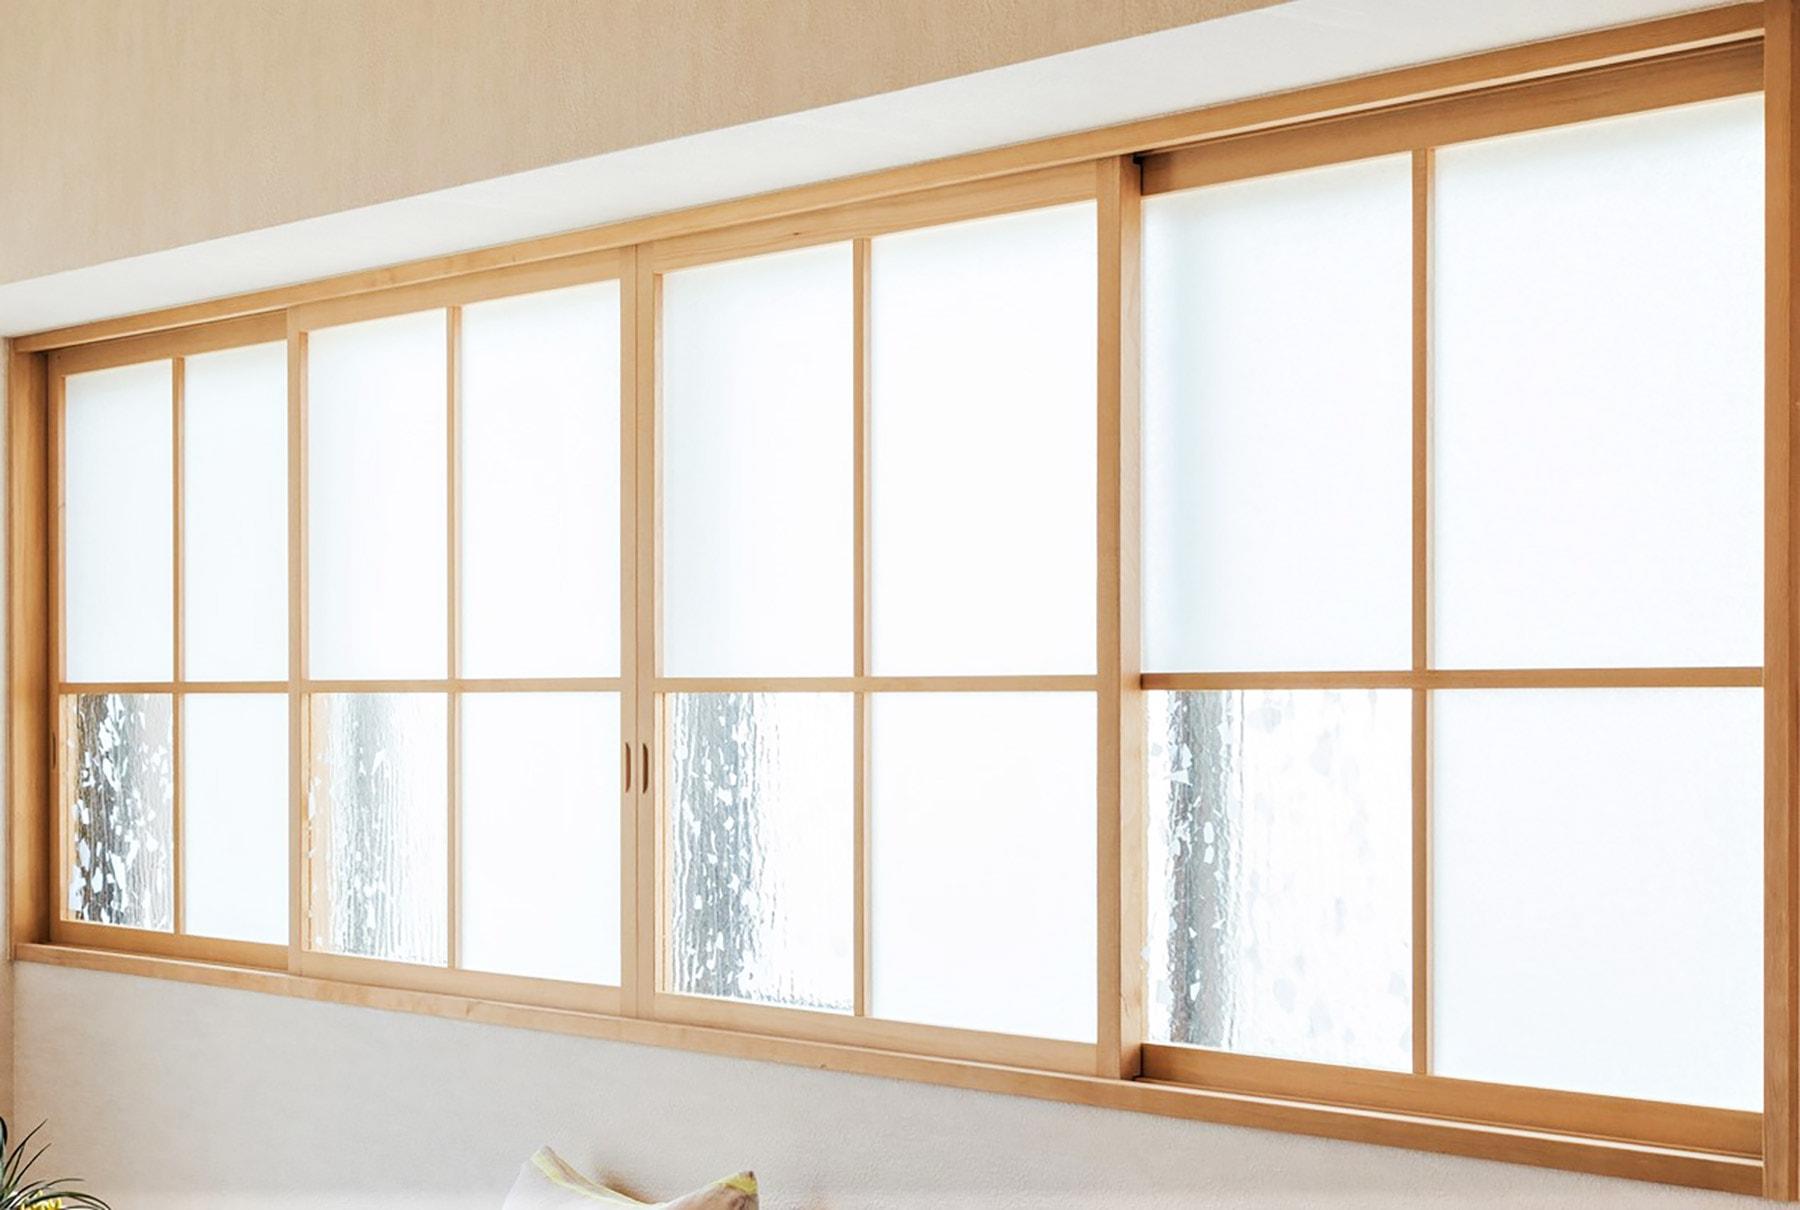 ~飾り窓プラン例~ 飾り窓設置、壁造作(同一タイプ) 工事費50万